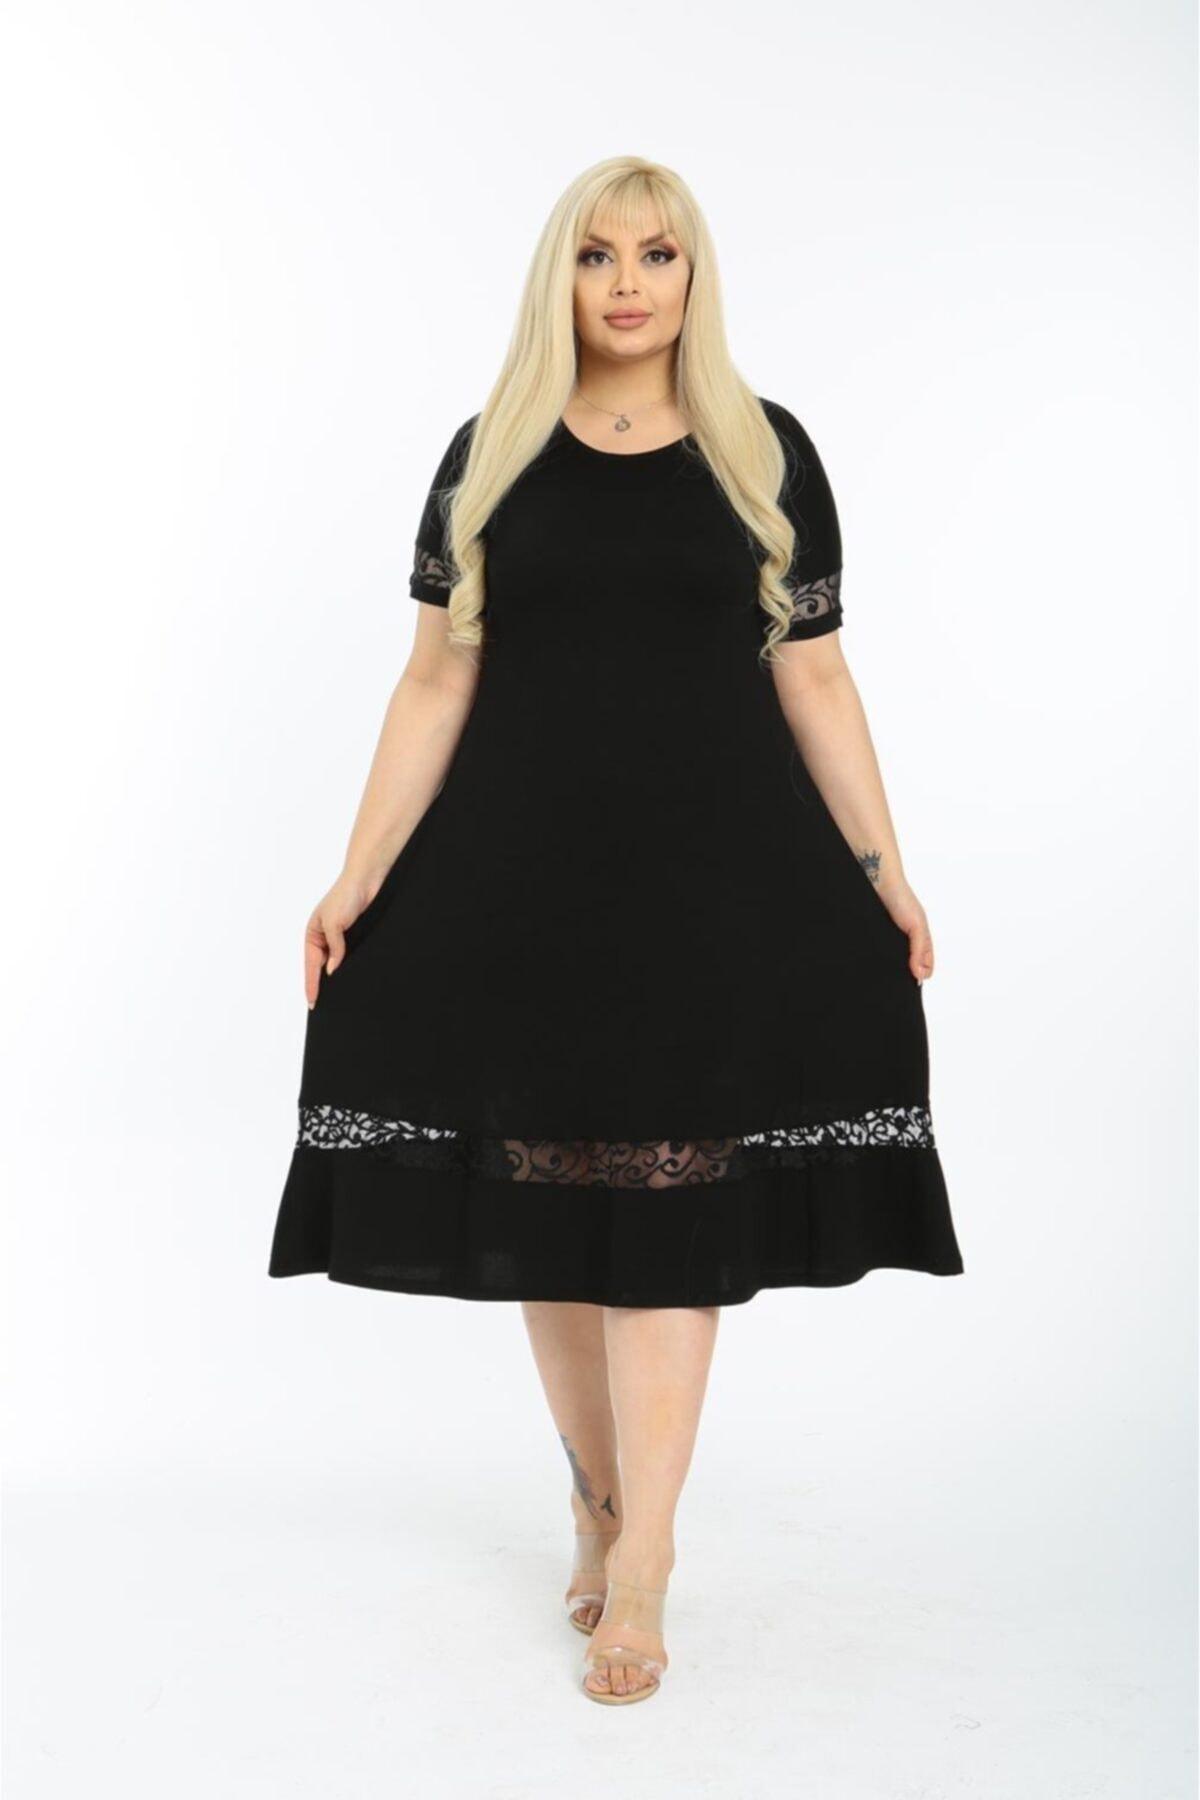 Kadın Siyah Eteği Dantel Detaylı Kısa Kol Büyük Beden Elbise